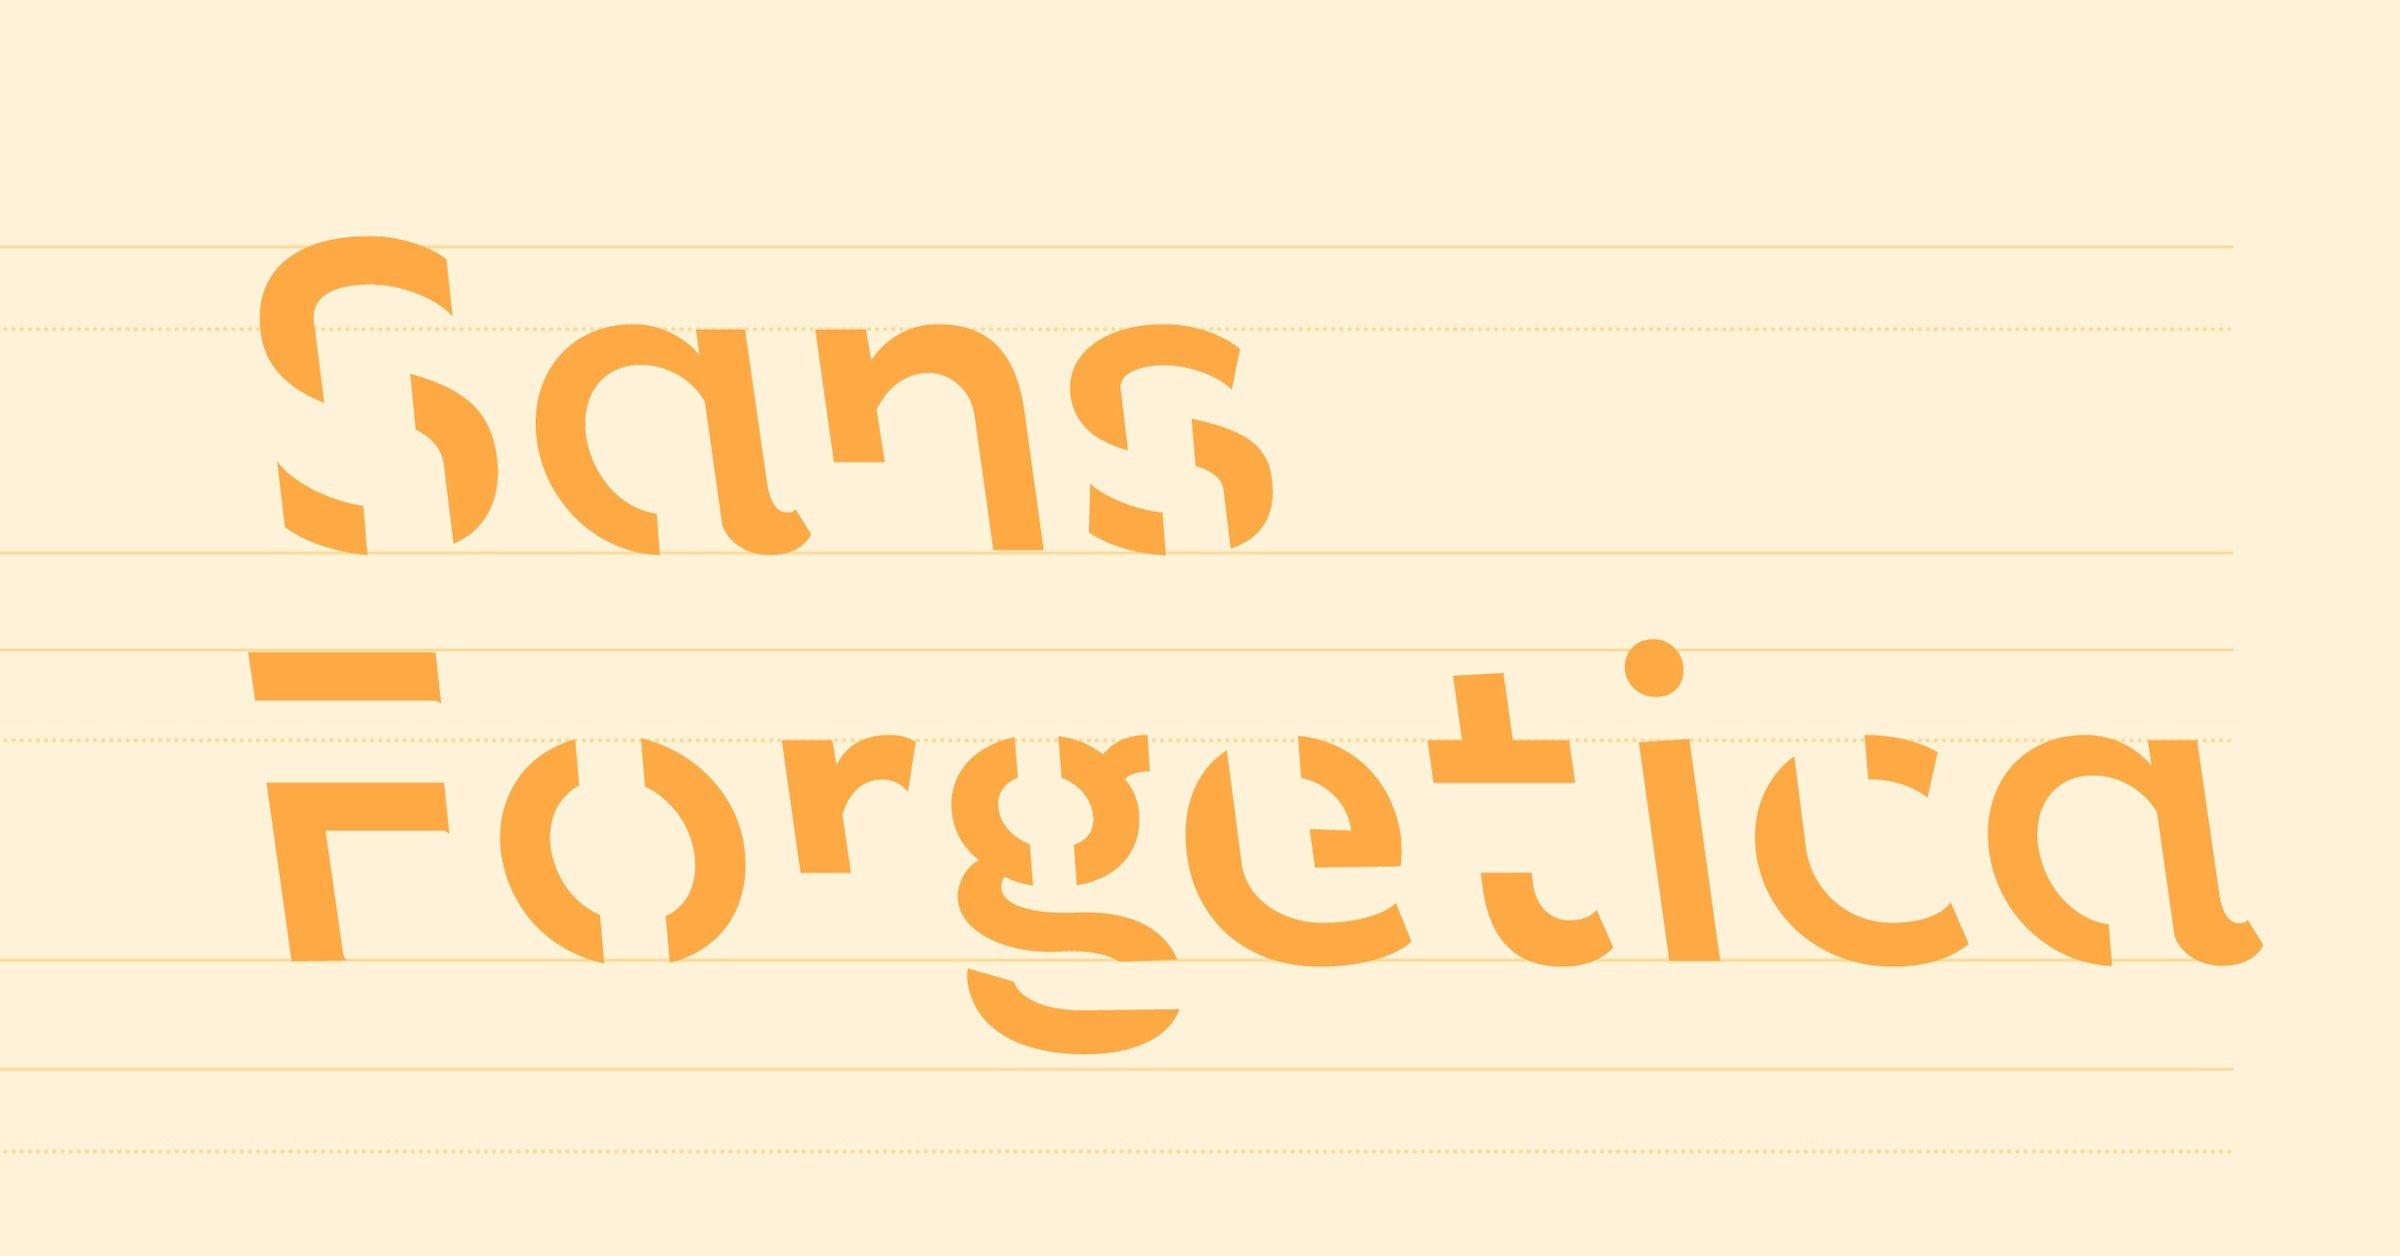 Улучшающий запоминание шрифт не улучшил запоминание